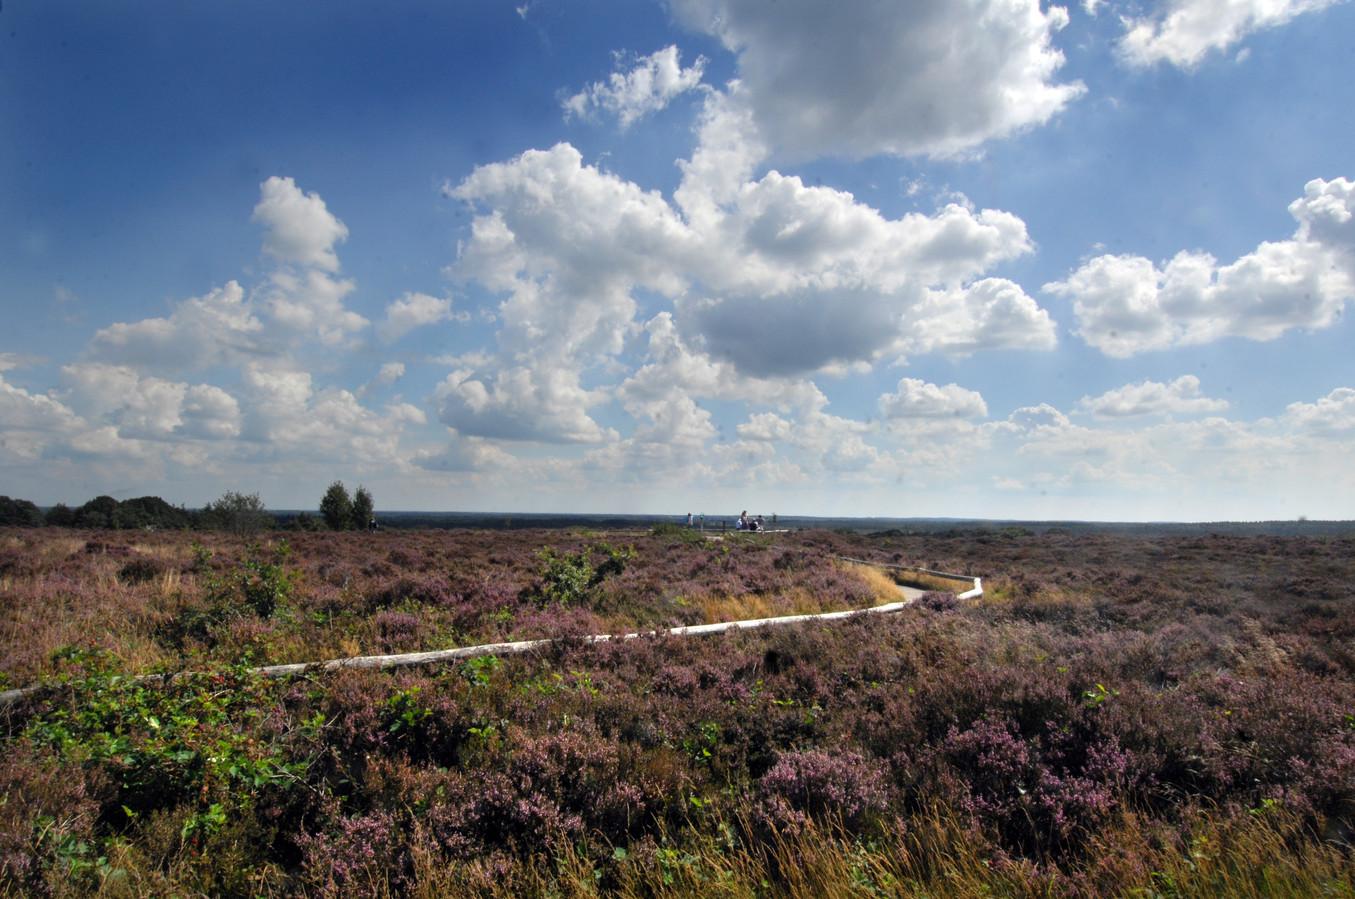 De wandelingen voeren ook langs de momenteel bloeiende heide op de Sallandse Heuvelrug.